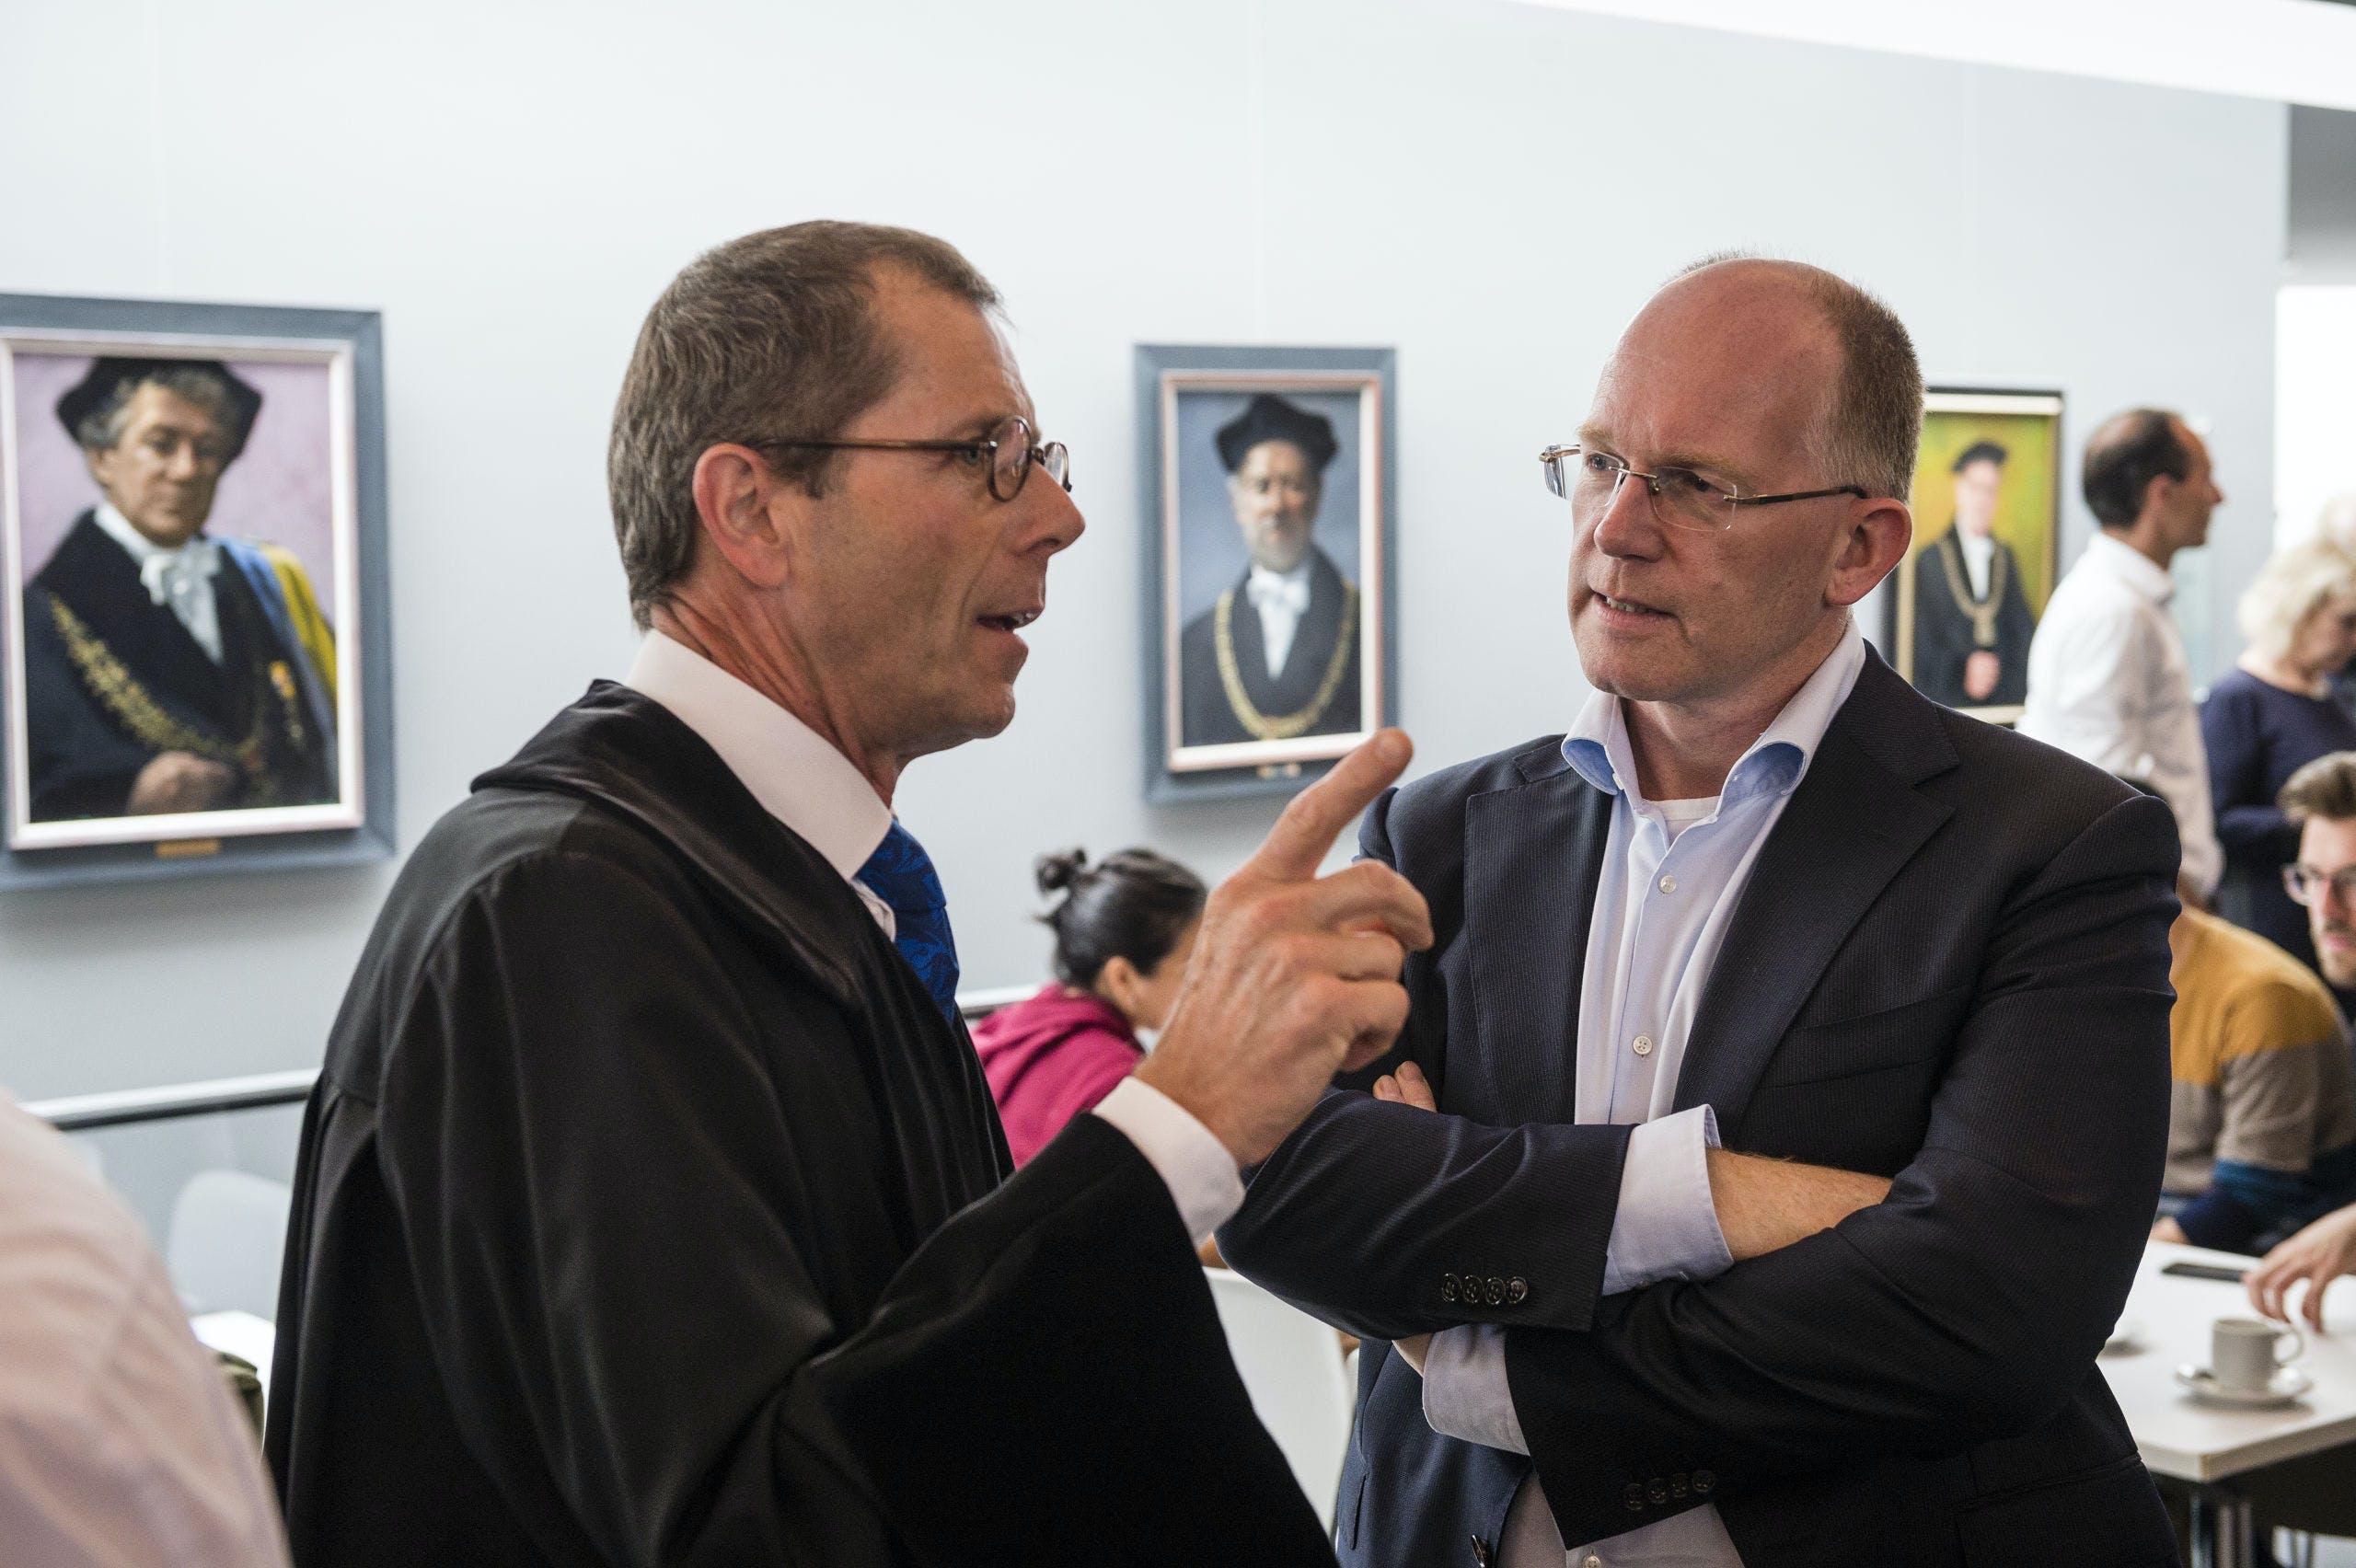 Kees Koolen (rechts) in gesprek met een hoogleraar van de Universiteit Twente bij de opening van het academisch jaar.